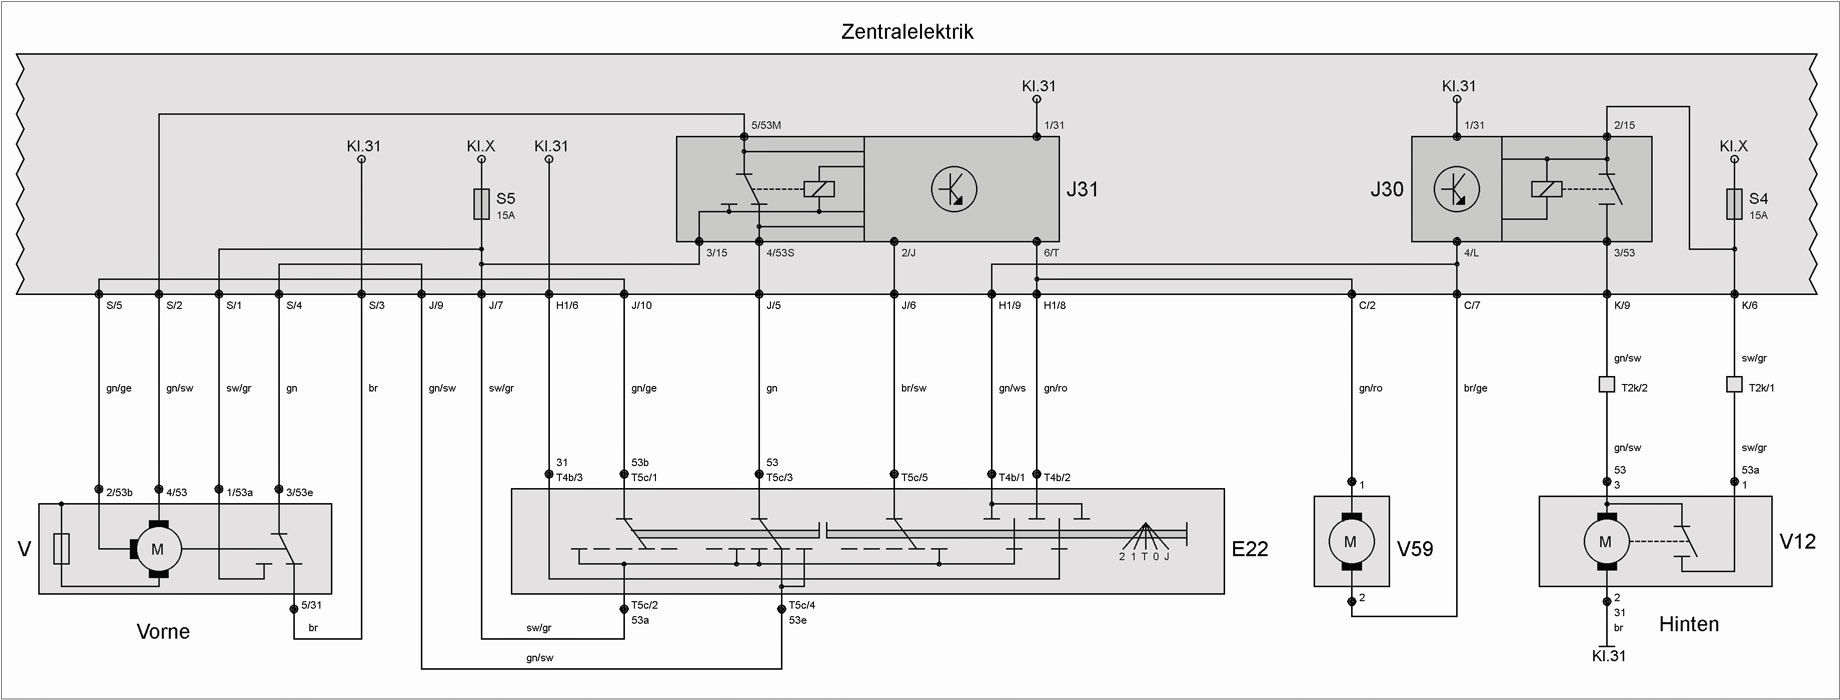 relais j31 scheibenwischer t4 wiki. Black Bedroom Furniture Sets. Home Design Ideas